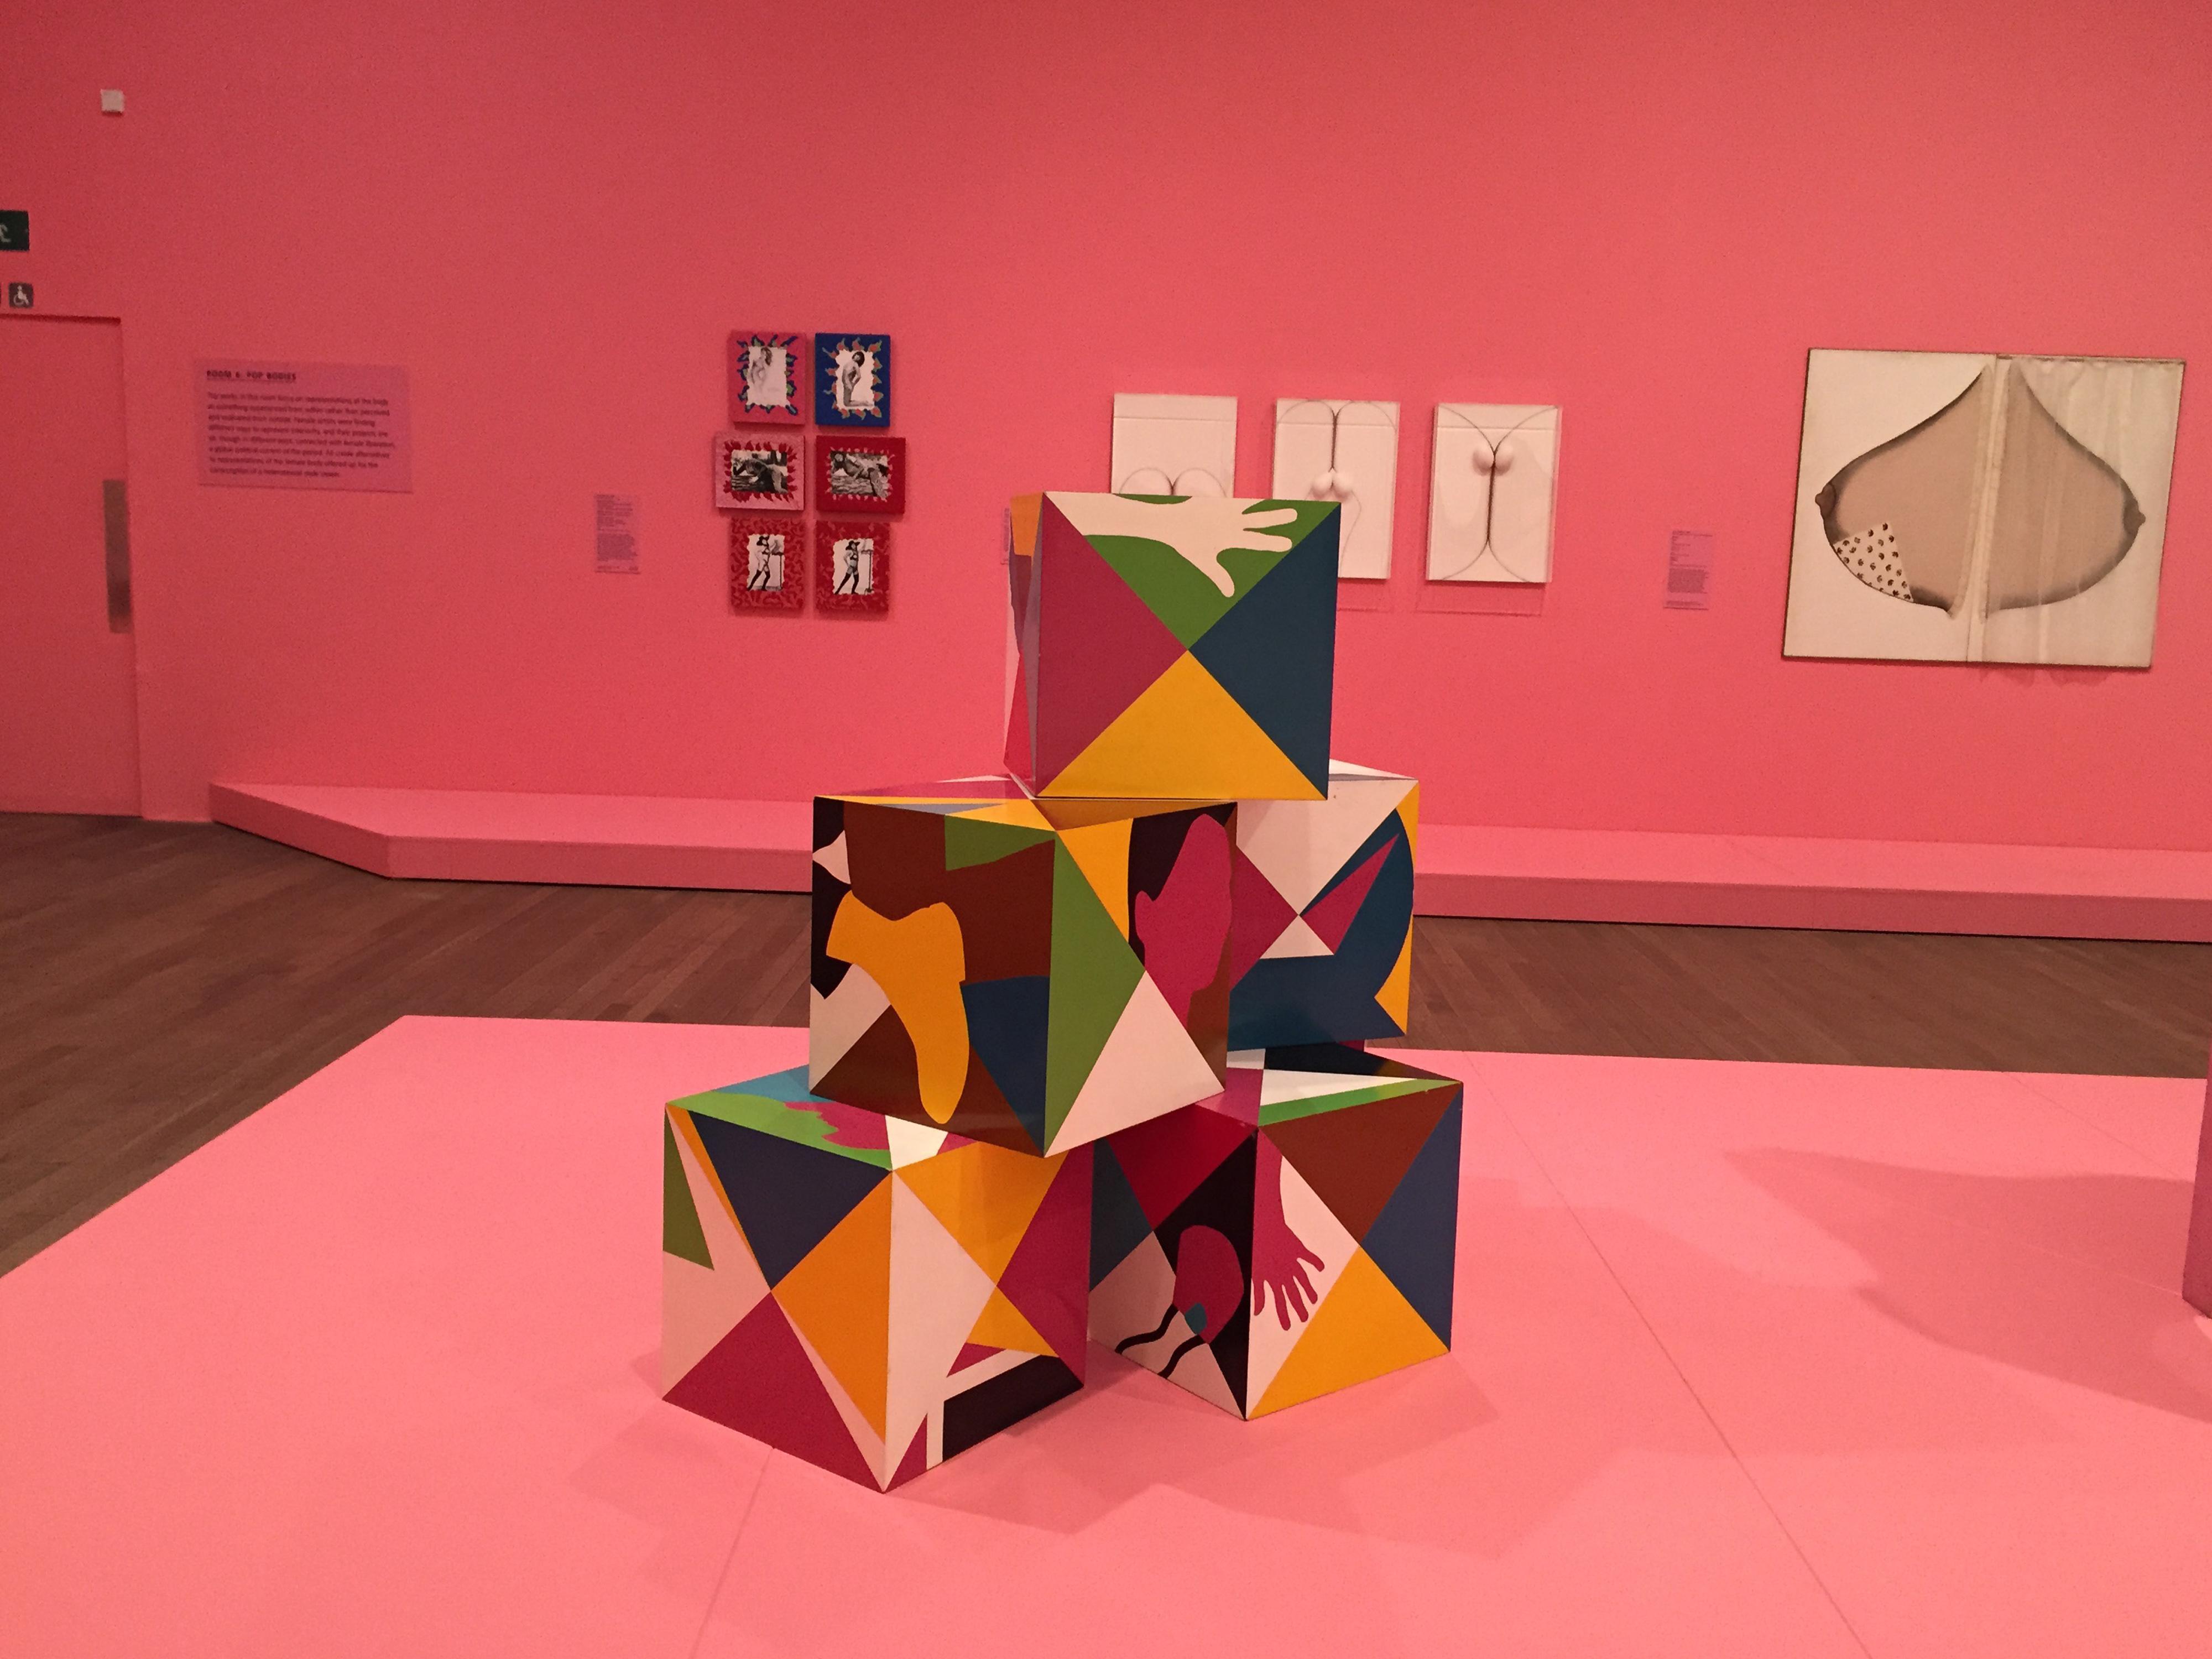 Galerie Barbara Thumm \ Estate Teresa Burga